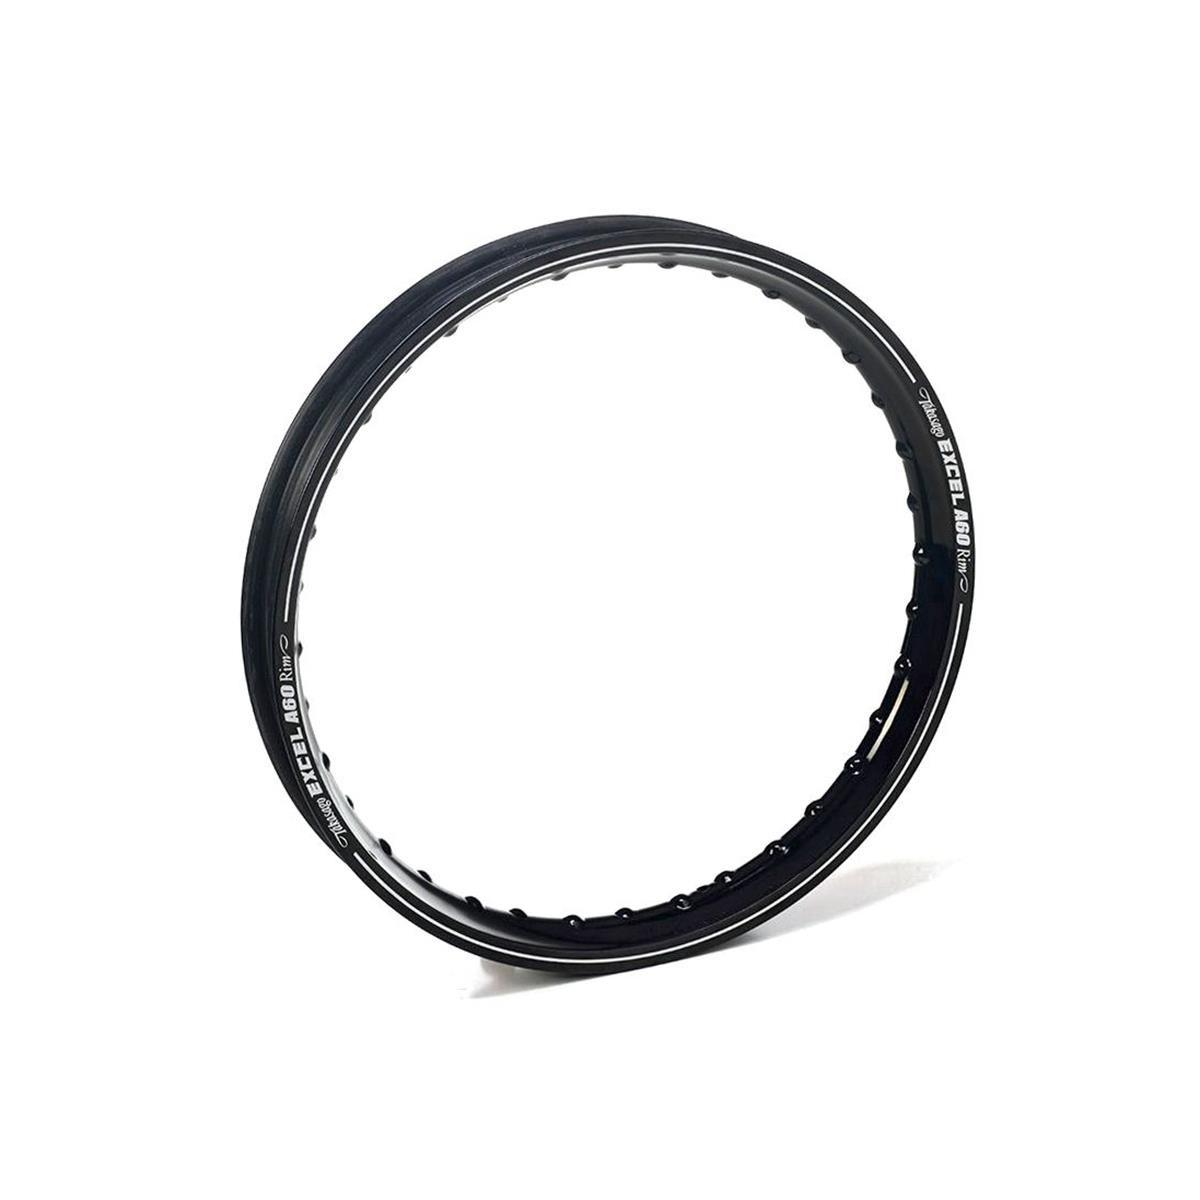 Excel Felgenring A60 Rims Rear, schwarz, 19 x 2.15, 36 Loch, KTM SX/EXC 125-525 02-13, Yamaha YZ 125/250, YZF/WRF 250/426/450